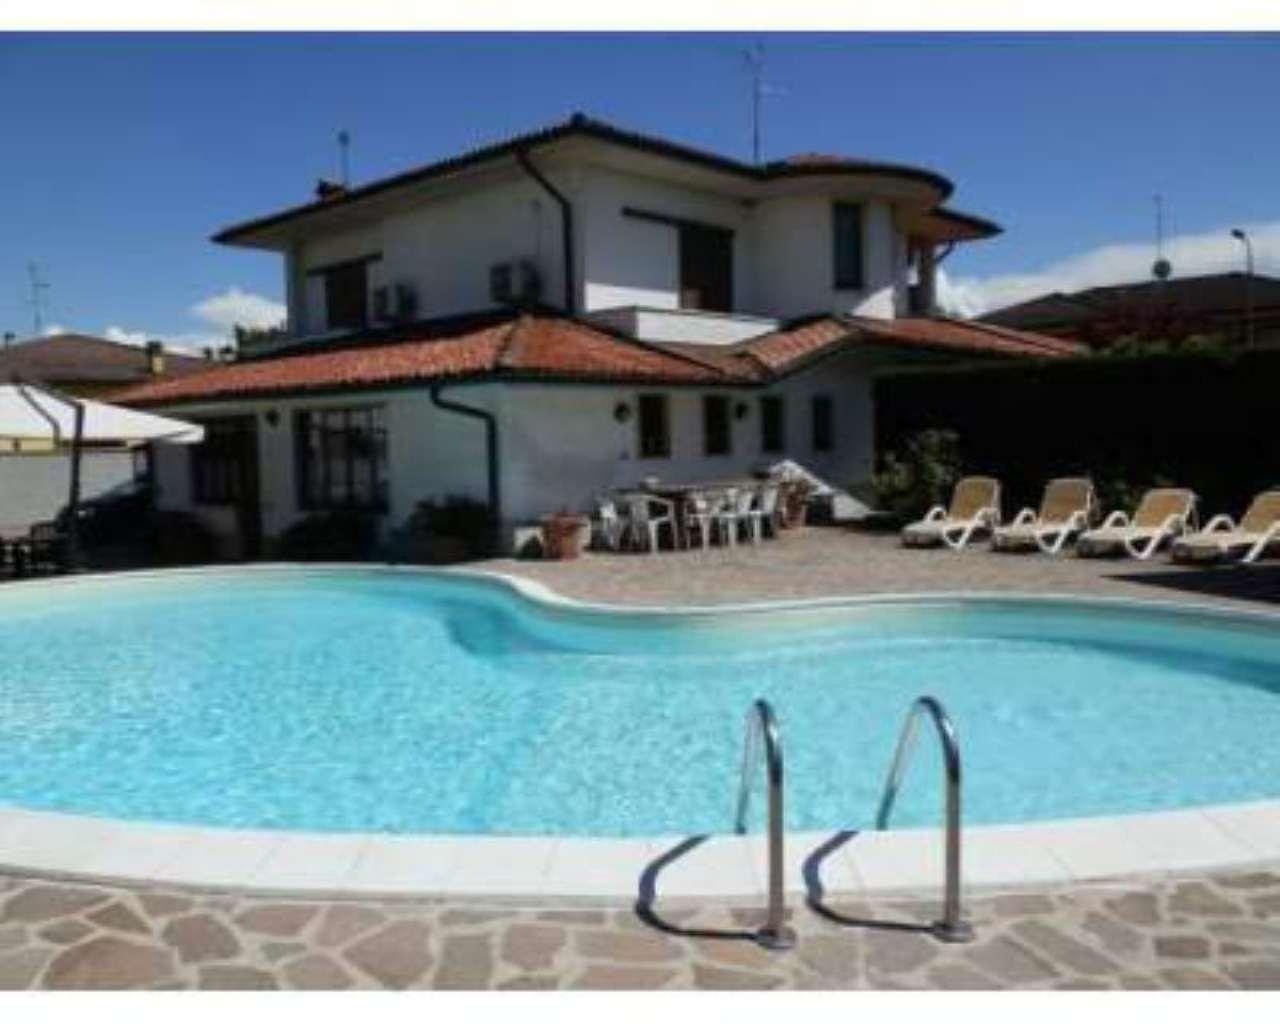 Villa in vendita a San Donato Milanese, 5 locali, prezzo € 390.000 | Cambio Casa.it